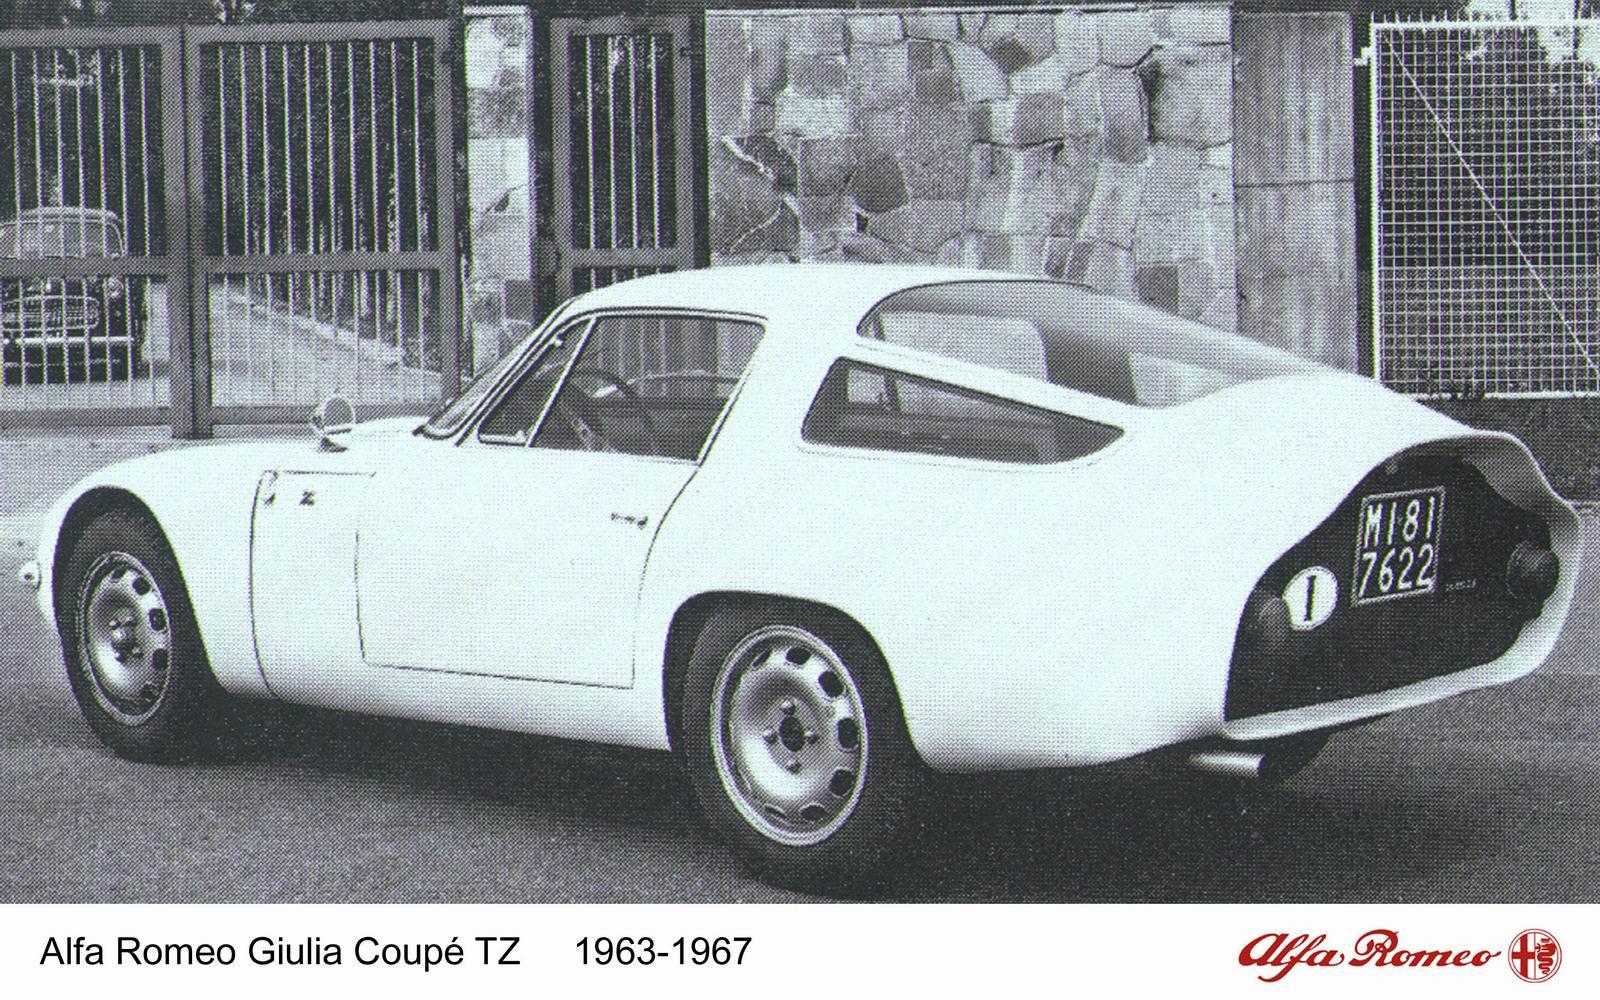 Alfa Romeo Giulia TZ (Zagato),